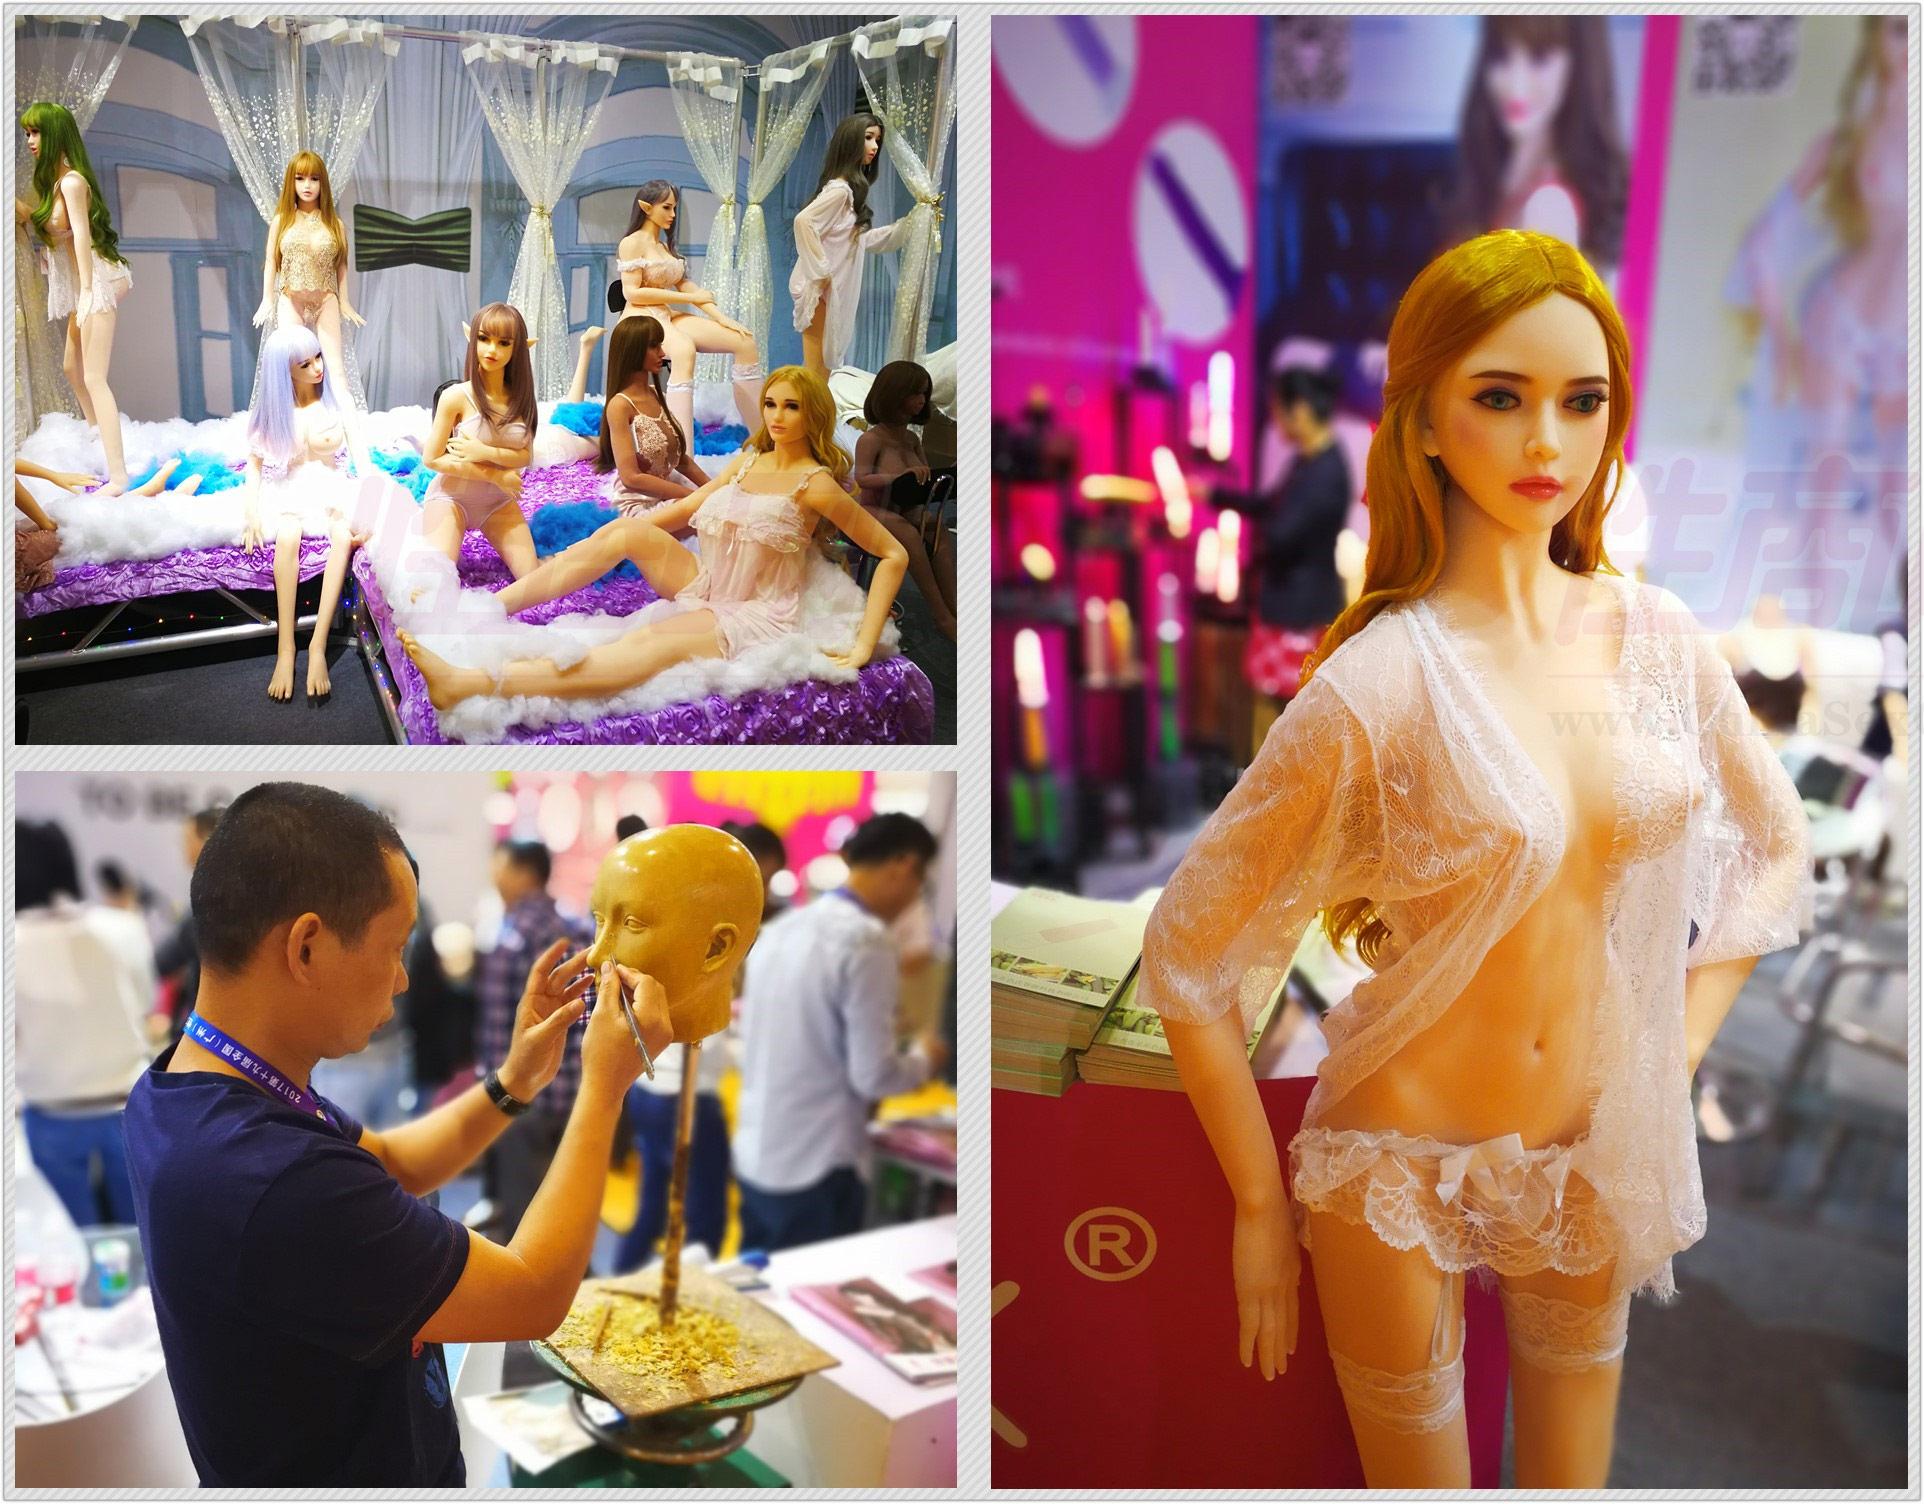 广州性文化节现场的情趣仿真实体娃娃